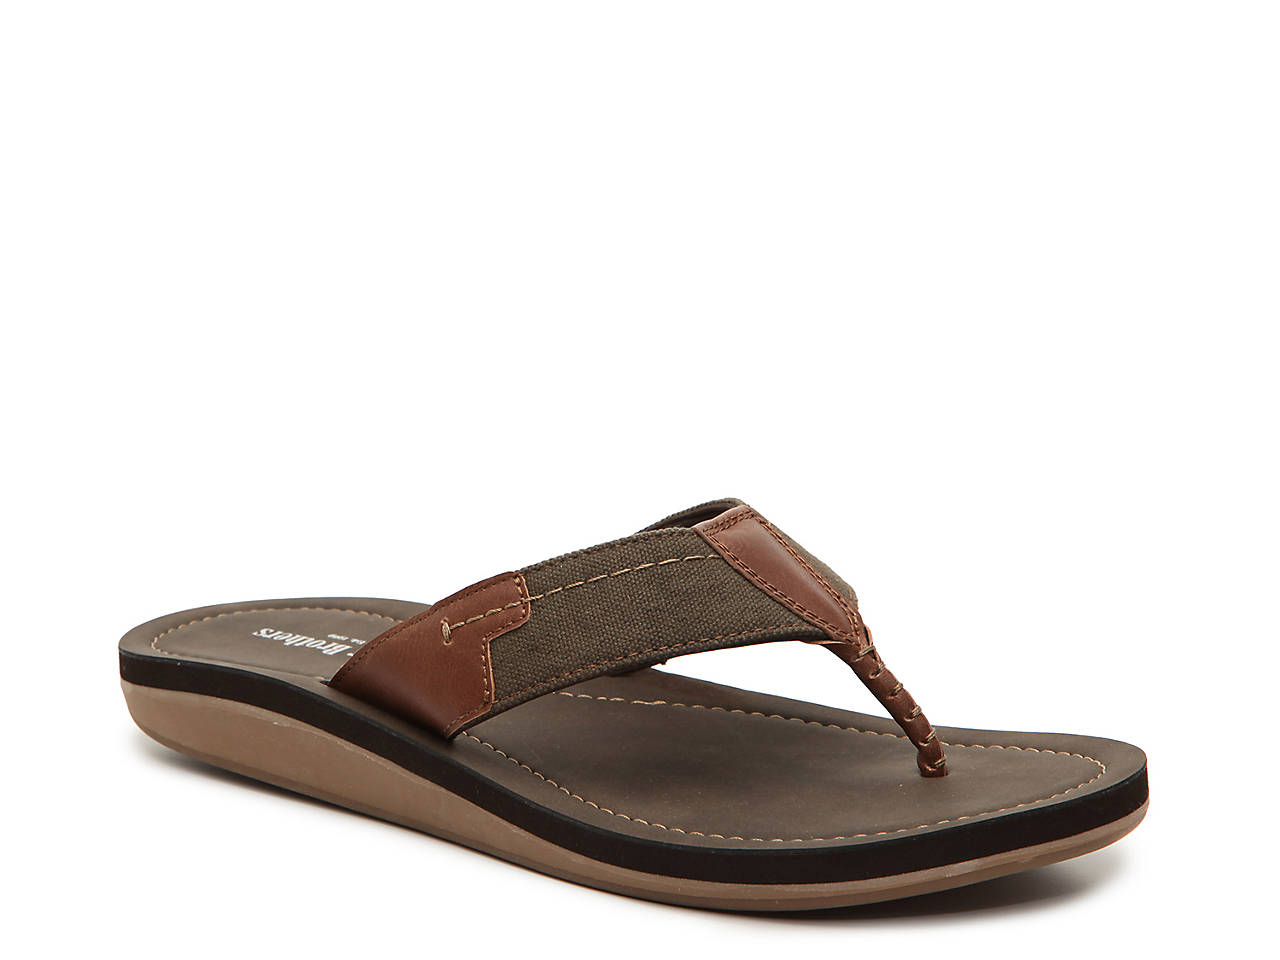 f26ac6928d40 Four Brothers Atomic Sun Flip Flop Men s Shoes